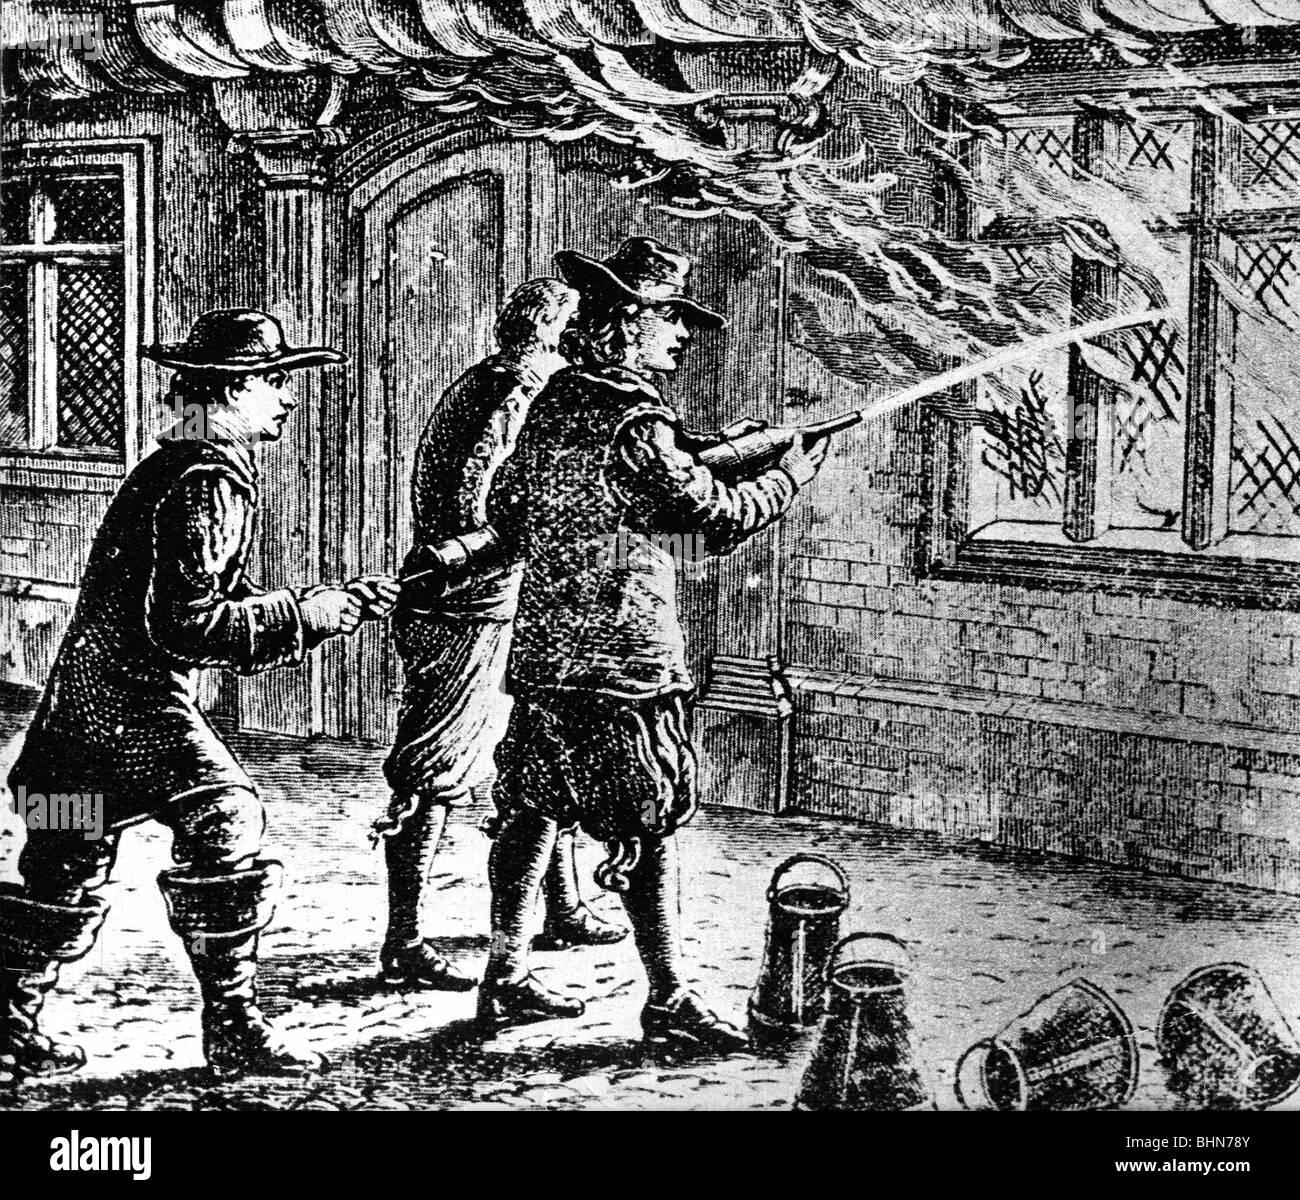 Feuer, London 1666, Feuerwehr bei der Brandbekämpfung Operationen, Holz Gravur, 19. Jahrhundert, historische, Stockbild